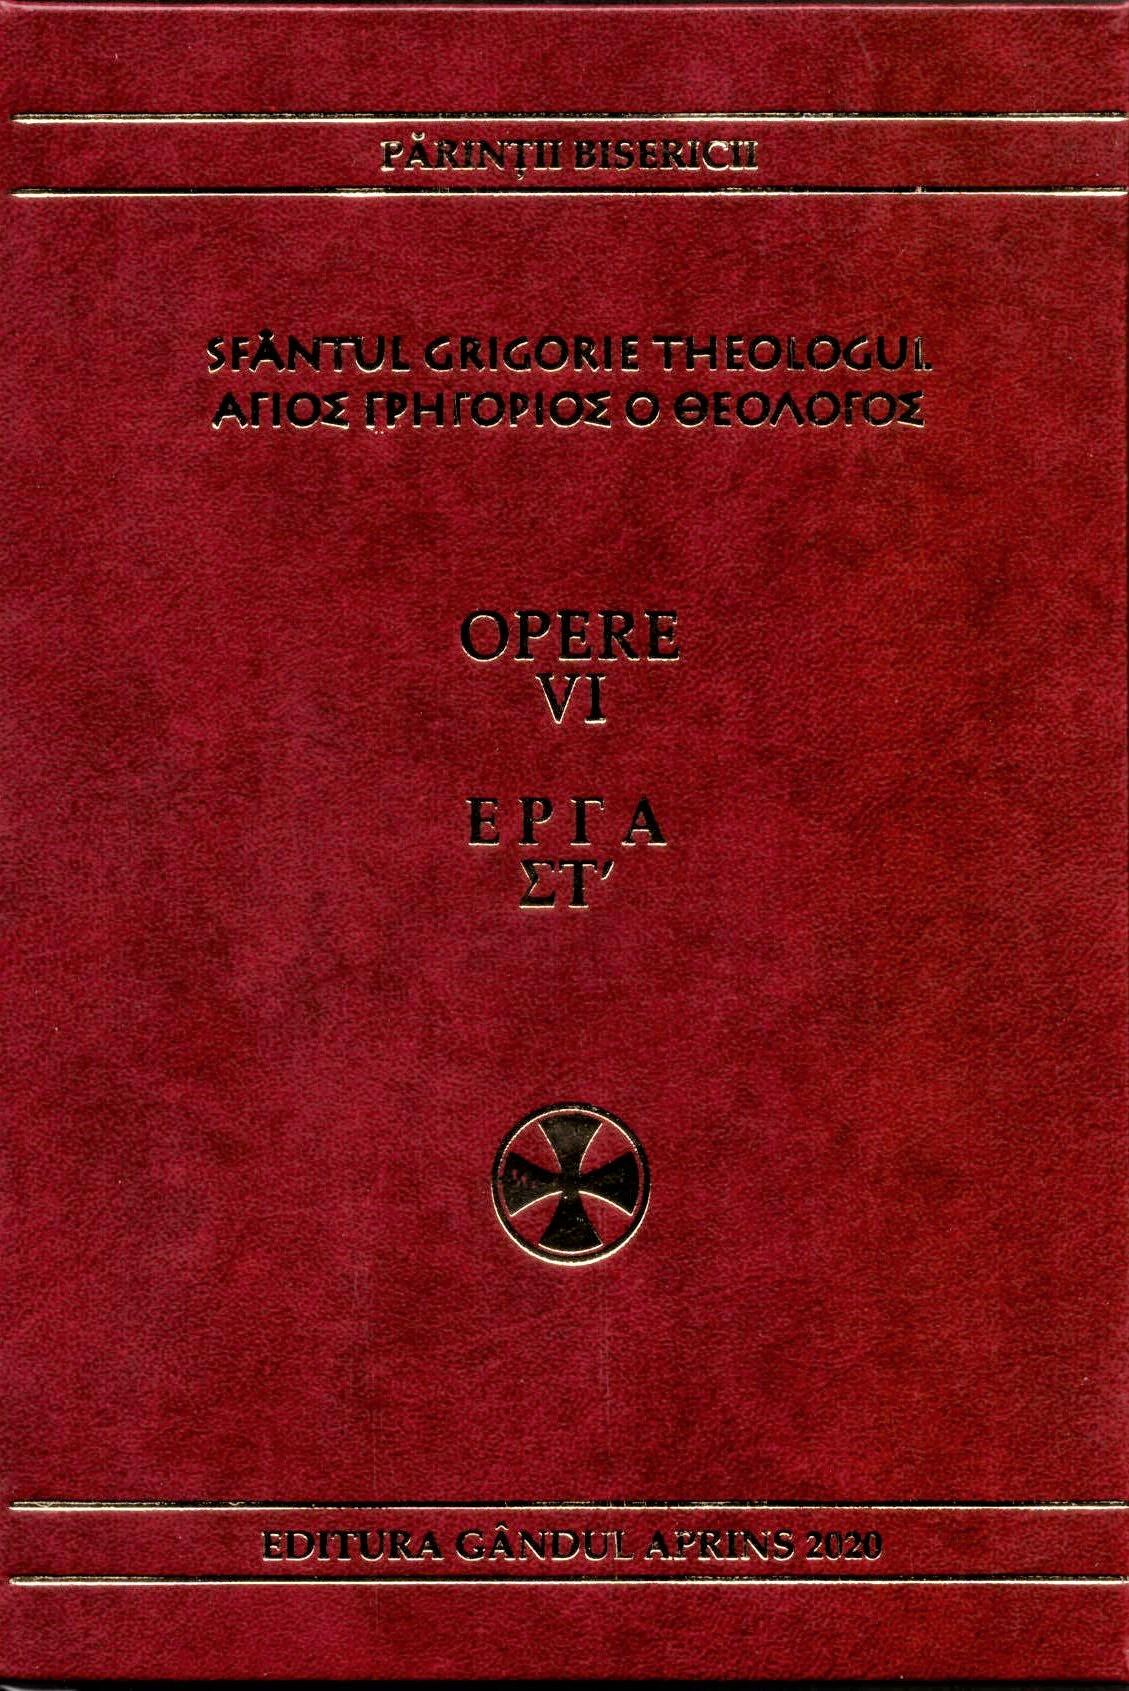 Sfantul Grigorie Teologul Opere vol. VI - Fundatia Gandul Aprins